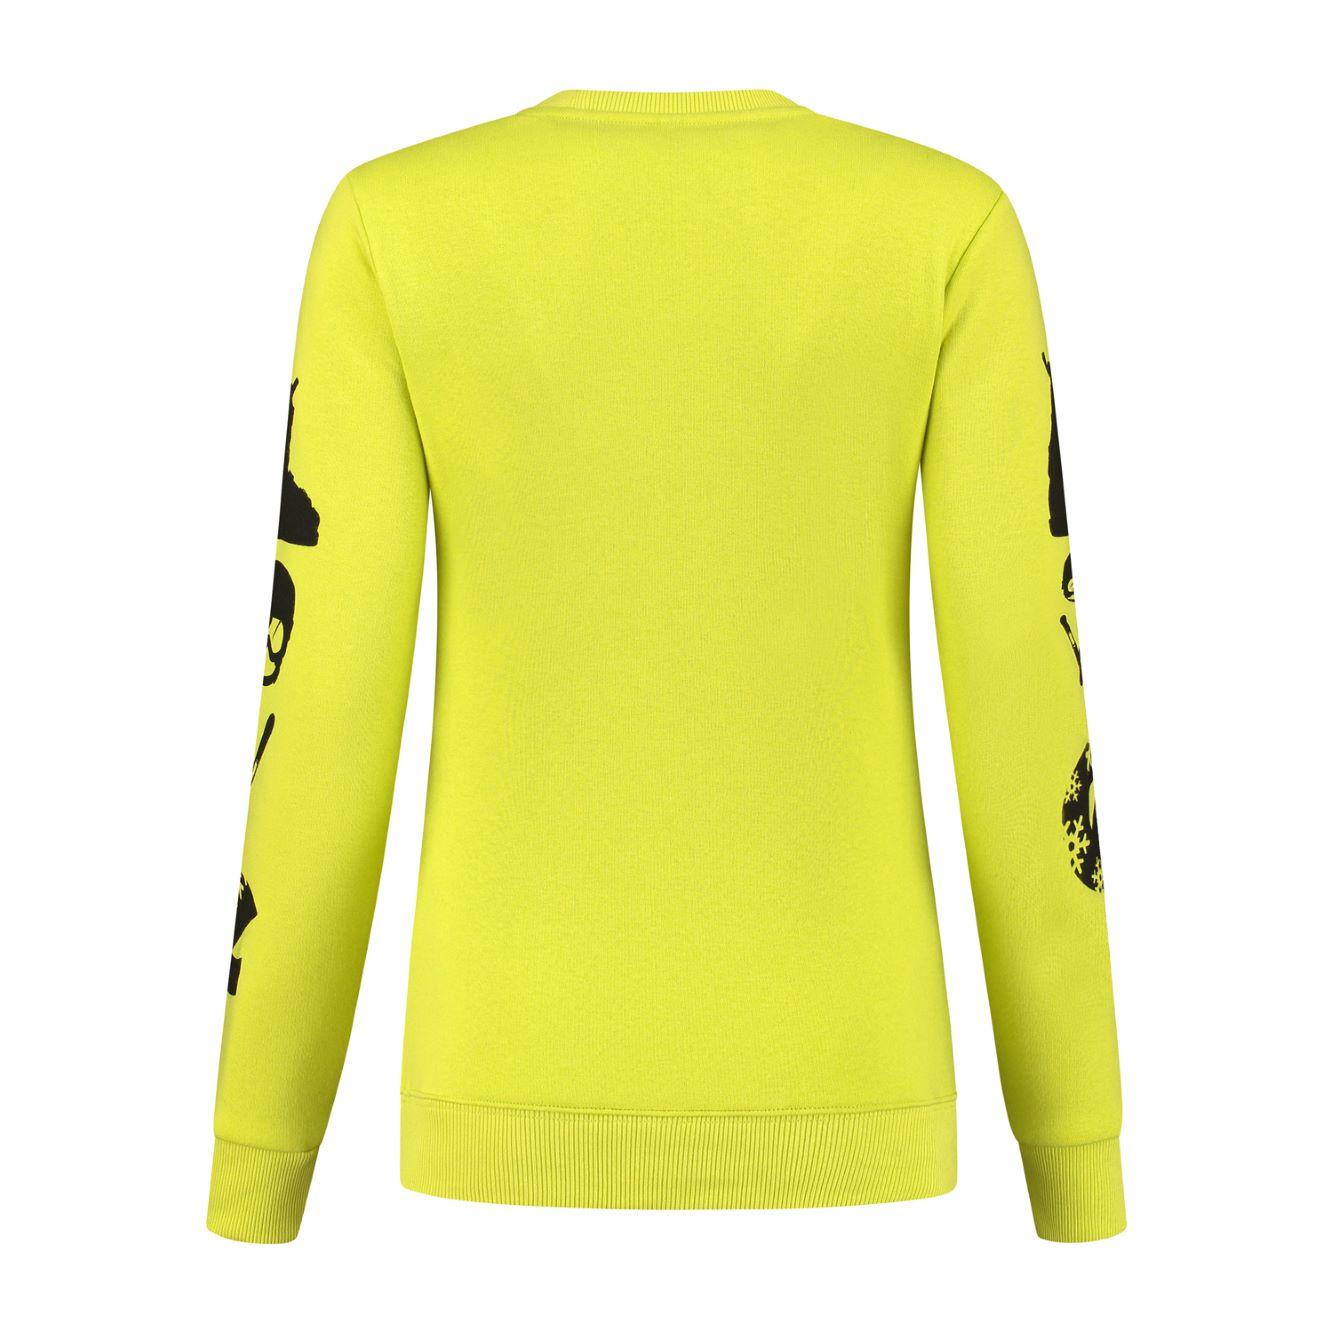 Kou Sportswear Sweater Love Neogreen 2021